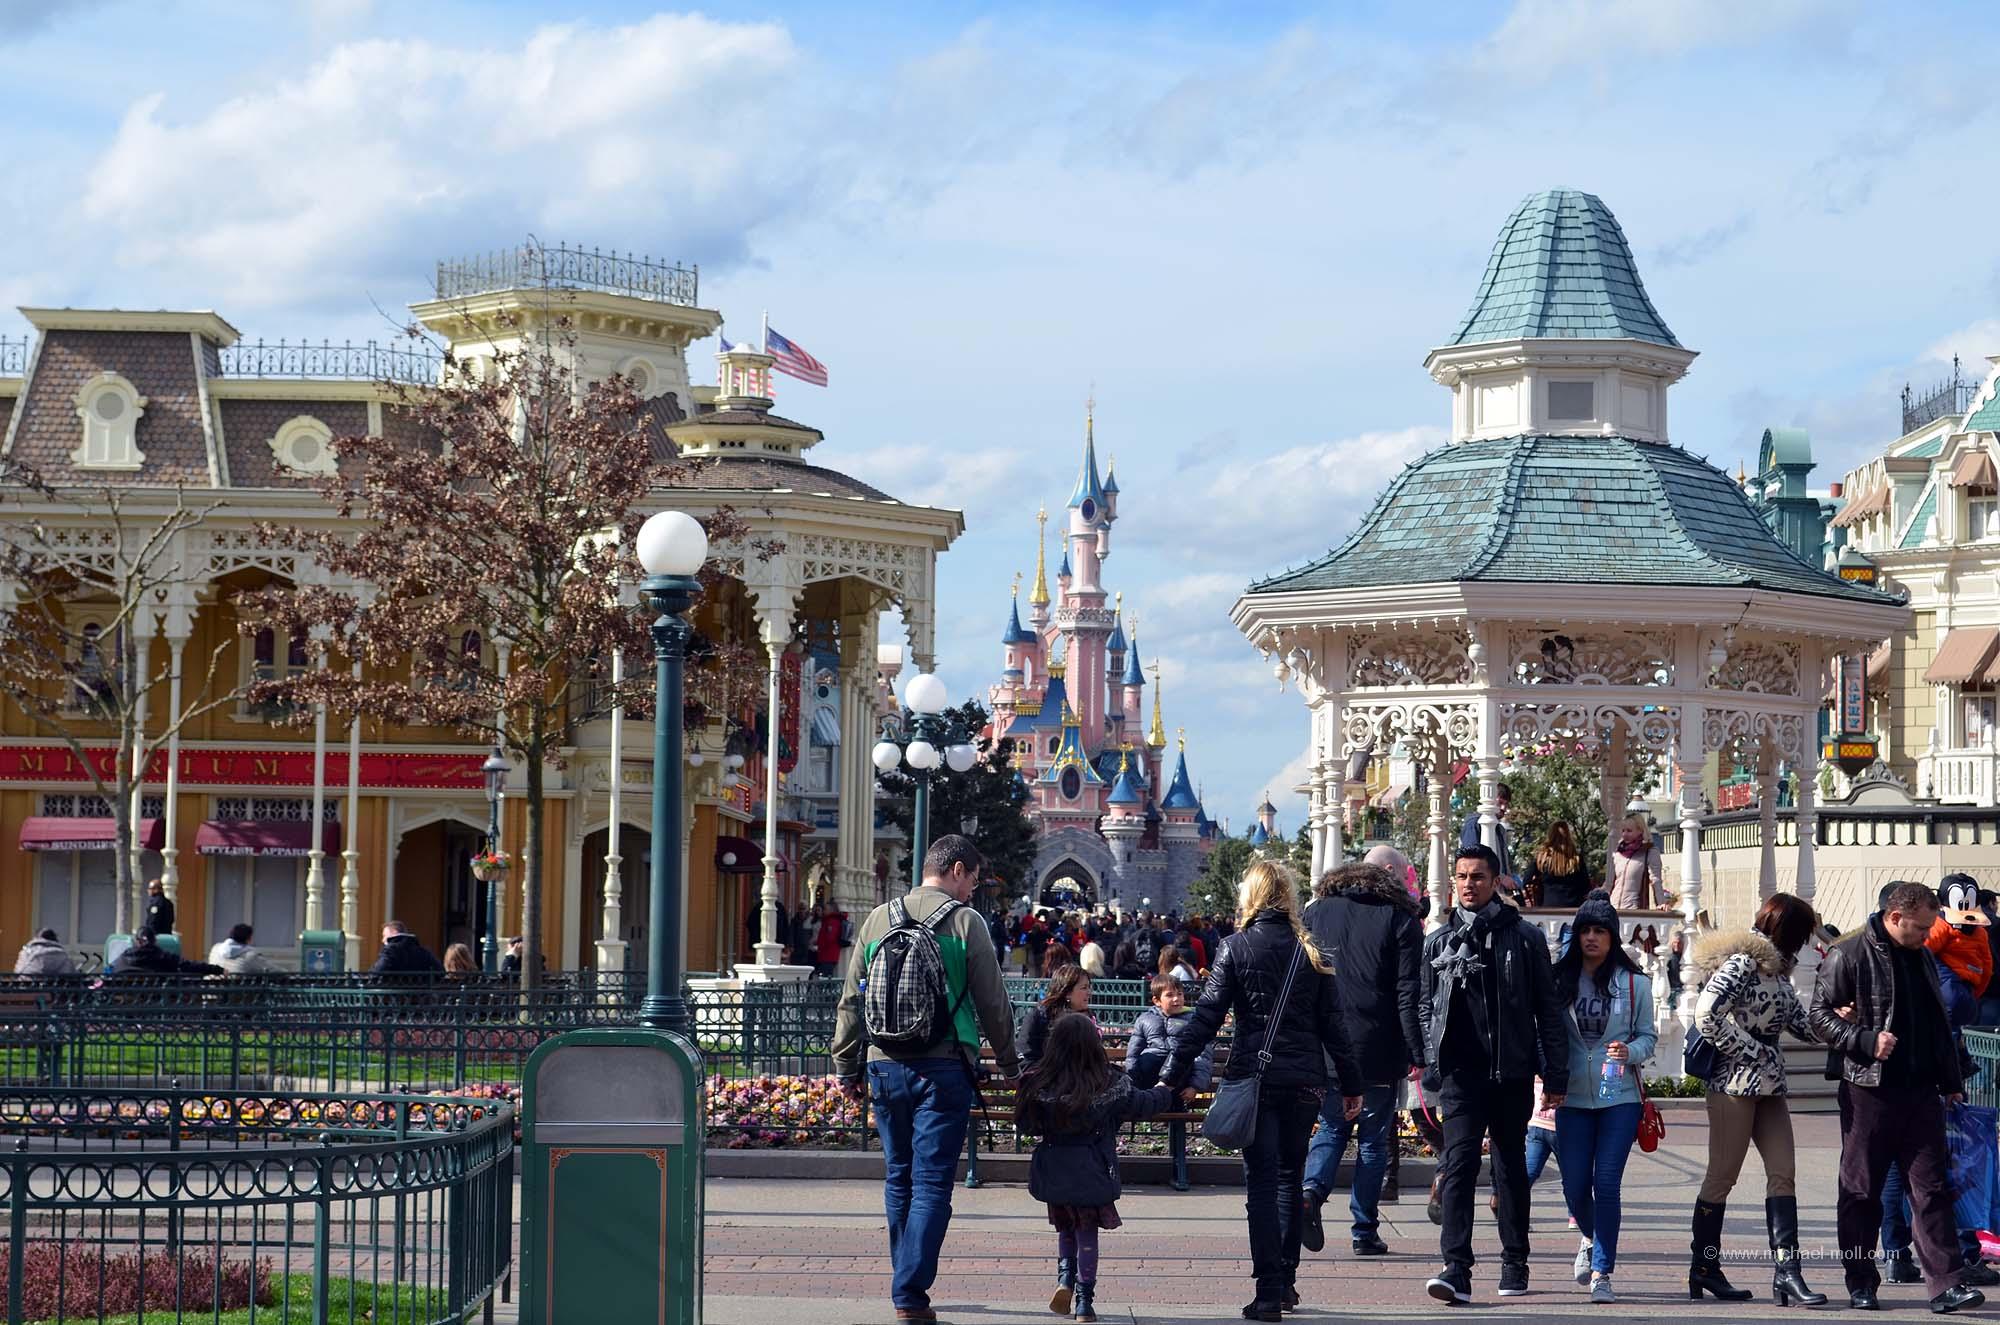 Pavillon am Anfang der Main Street